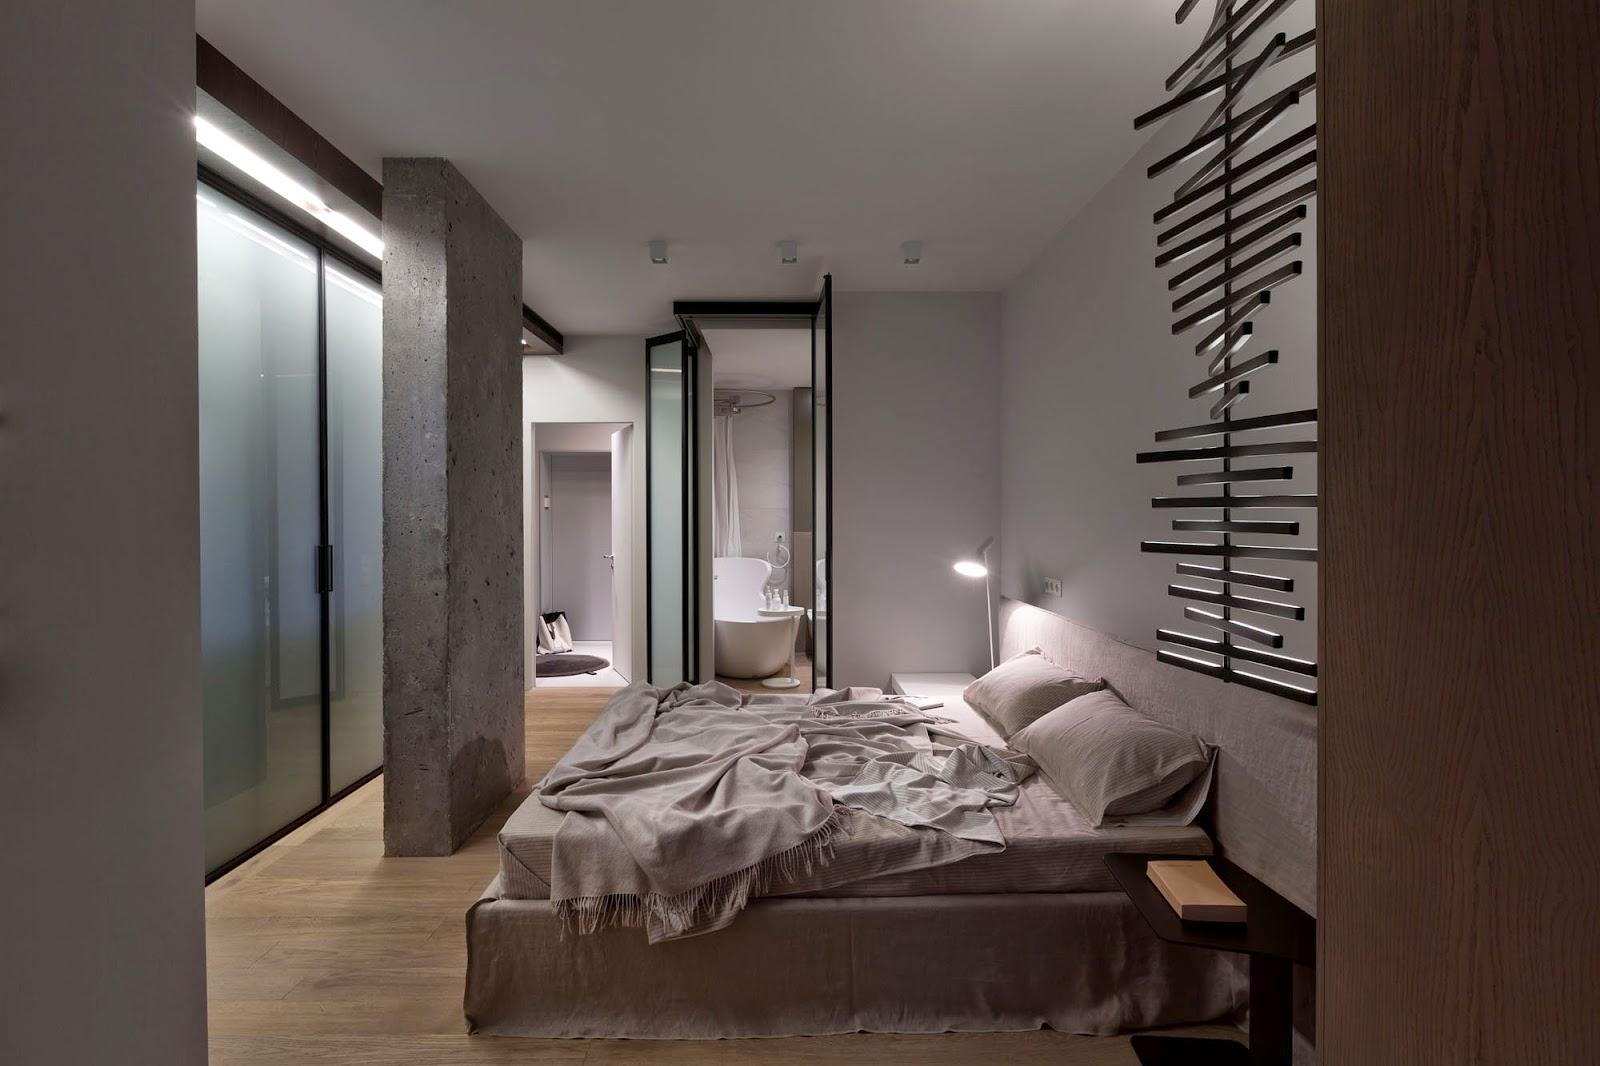 Kenzo home design - Home design